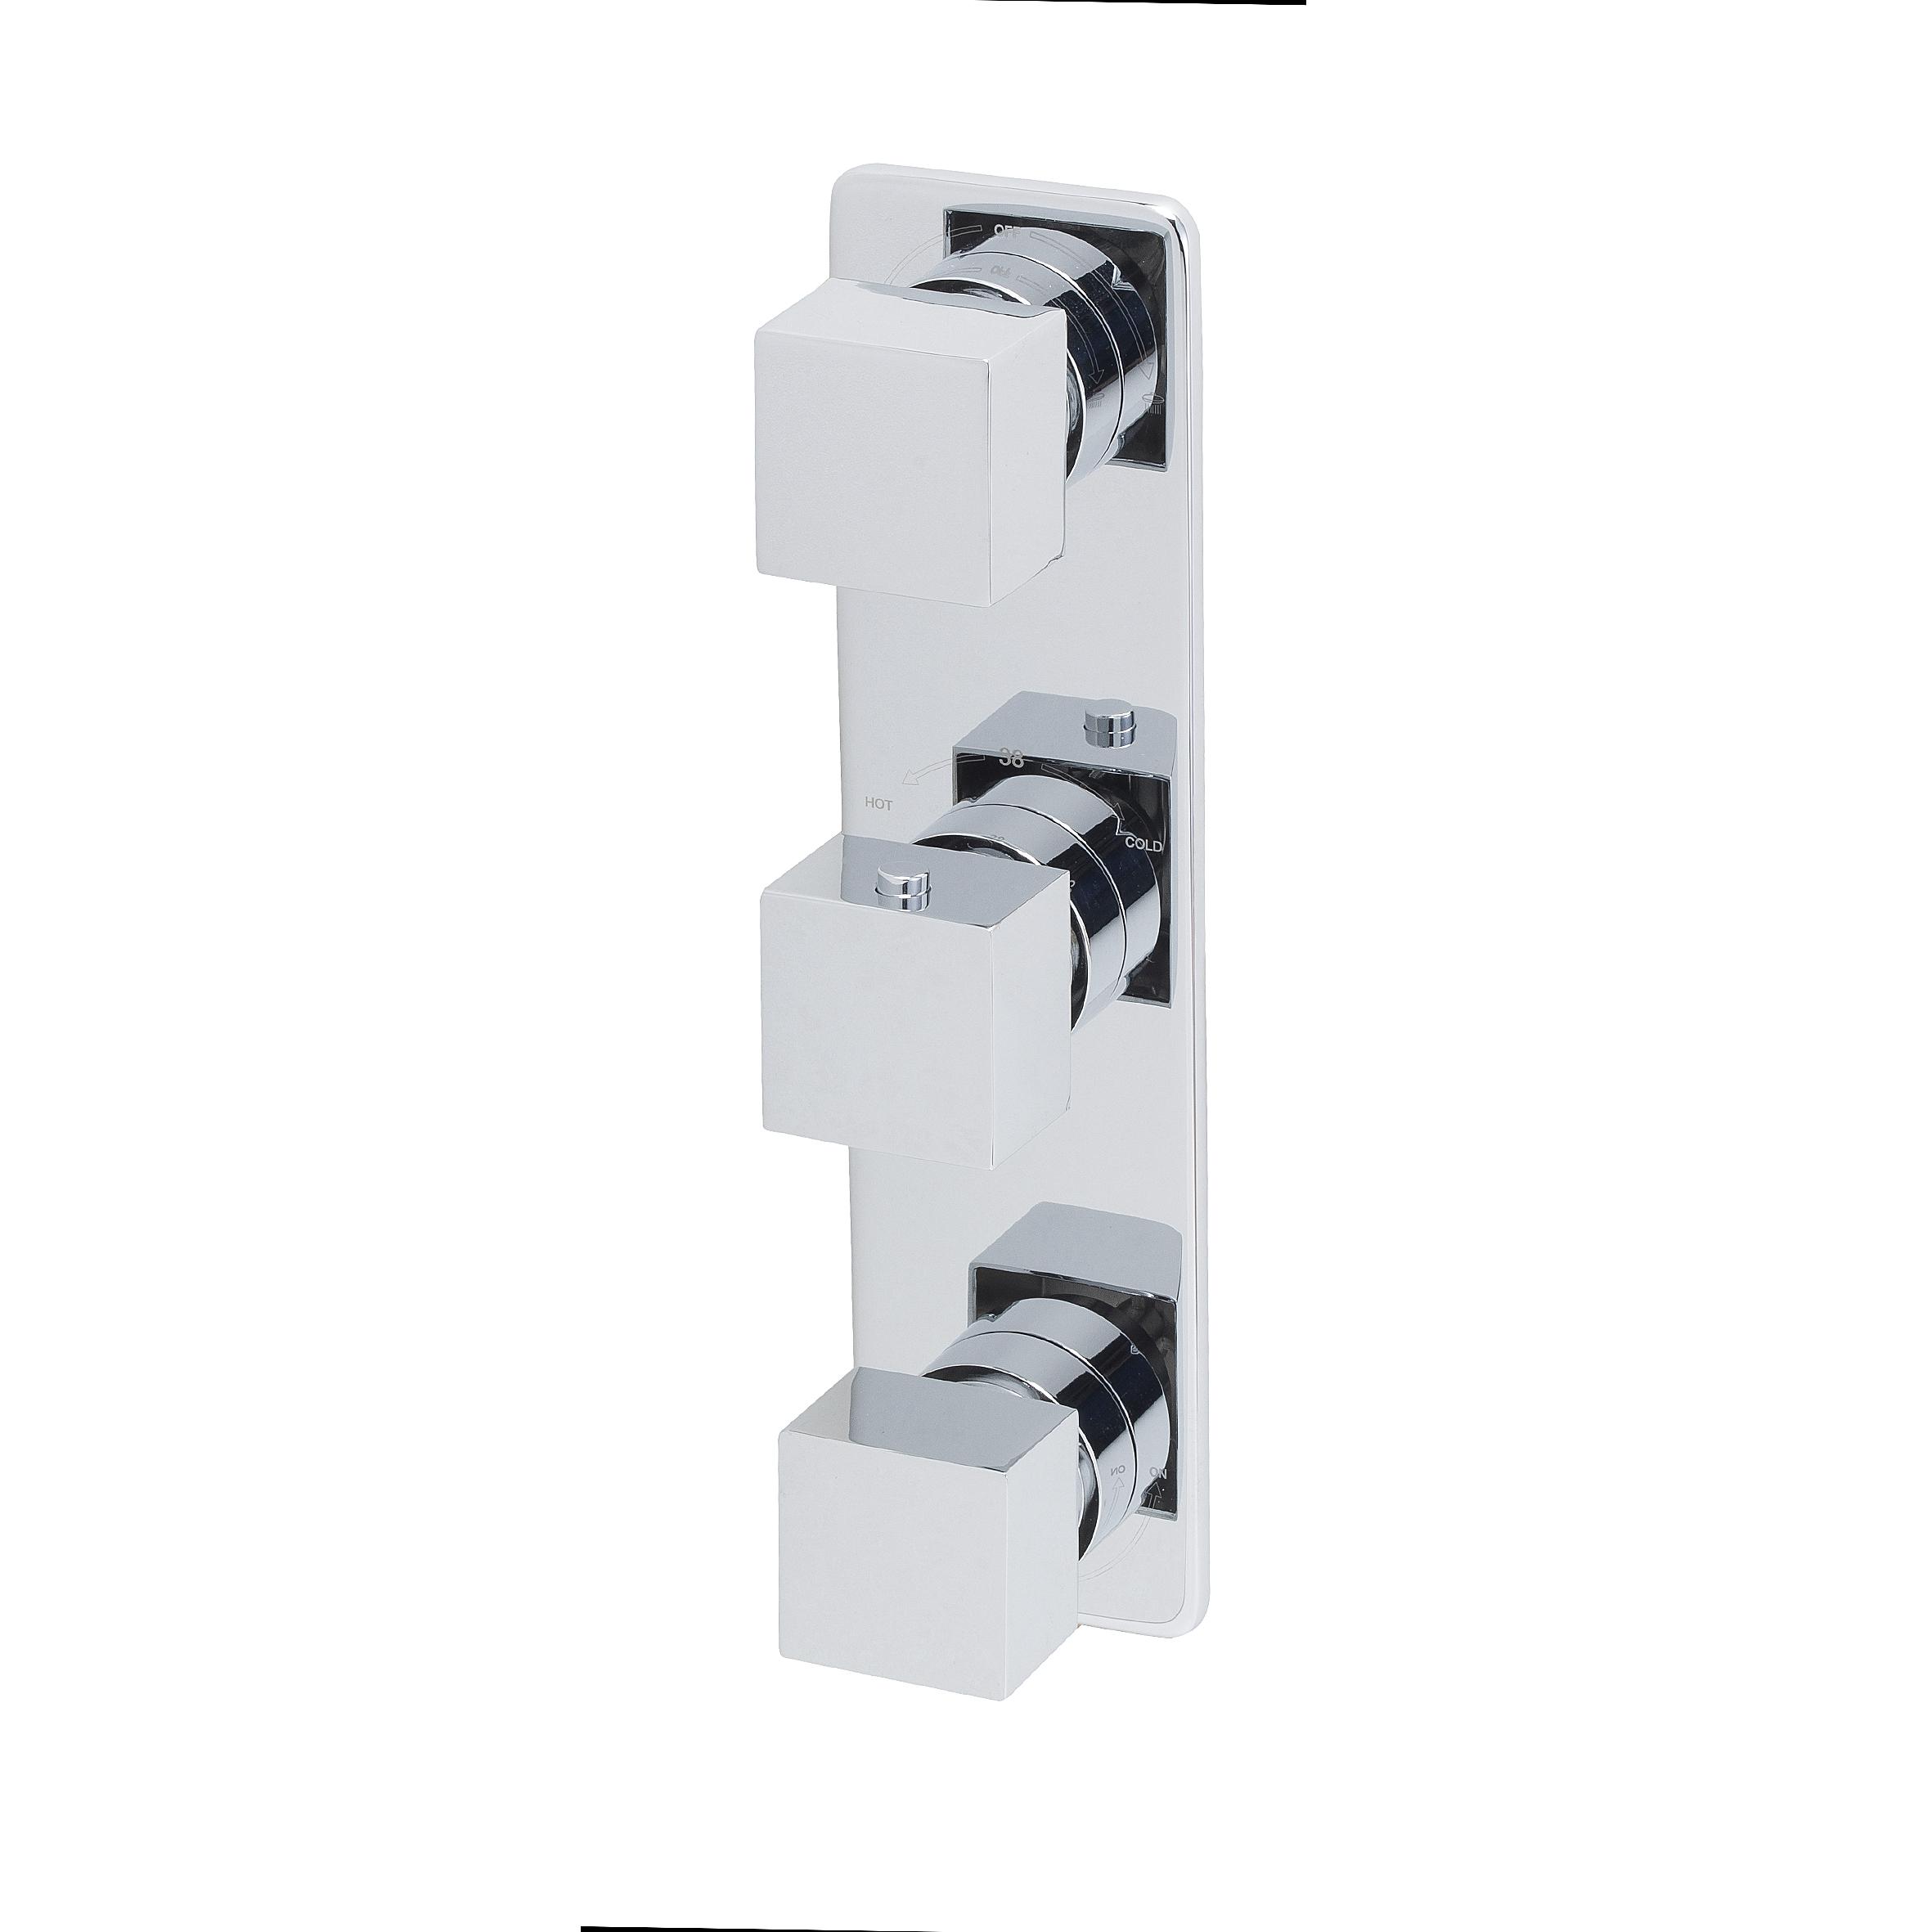 Mueller Cube inbouw 3-wegs douchethermostaat chroom